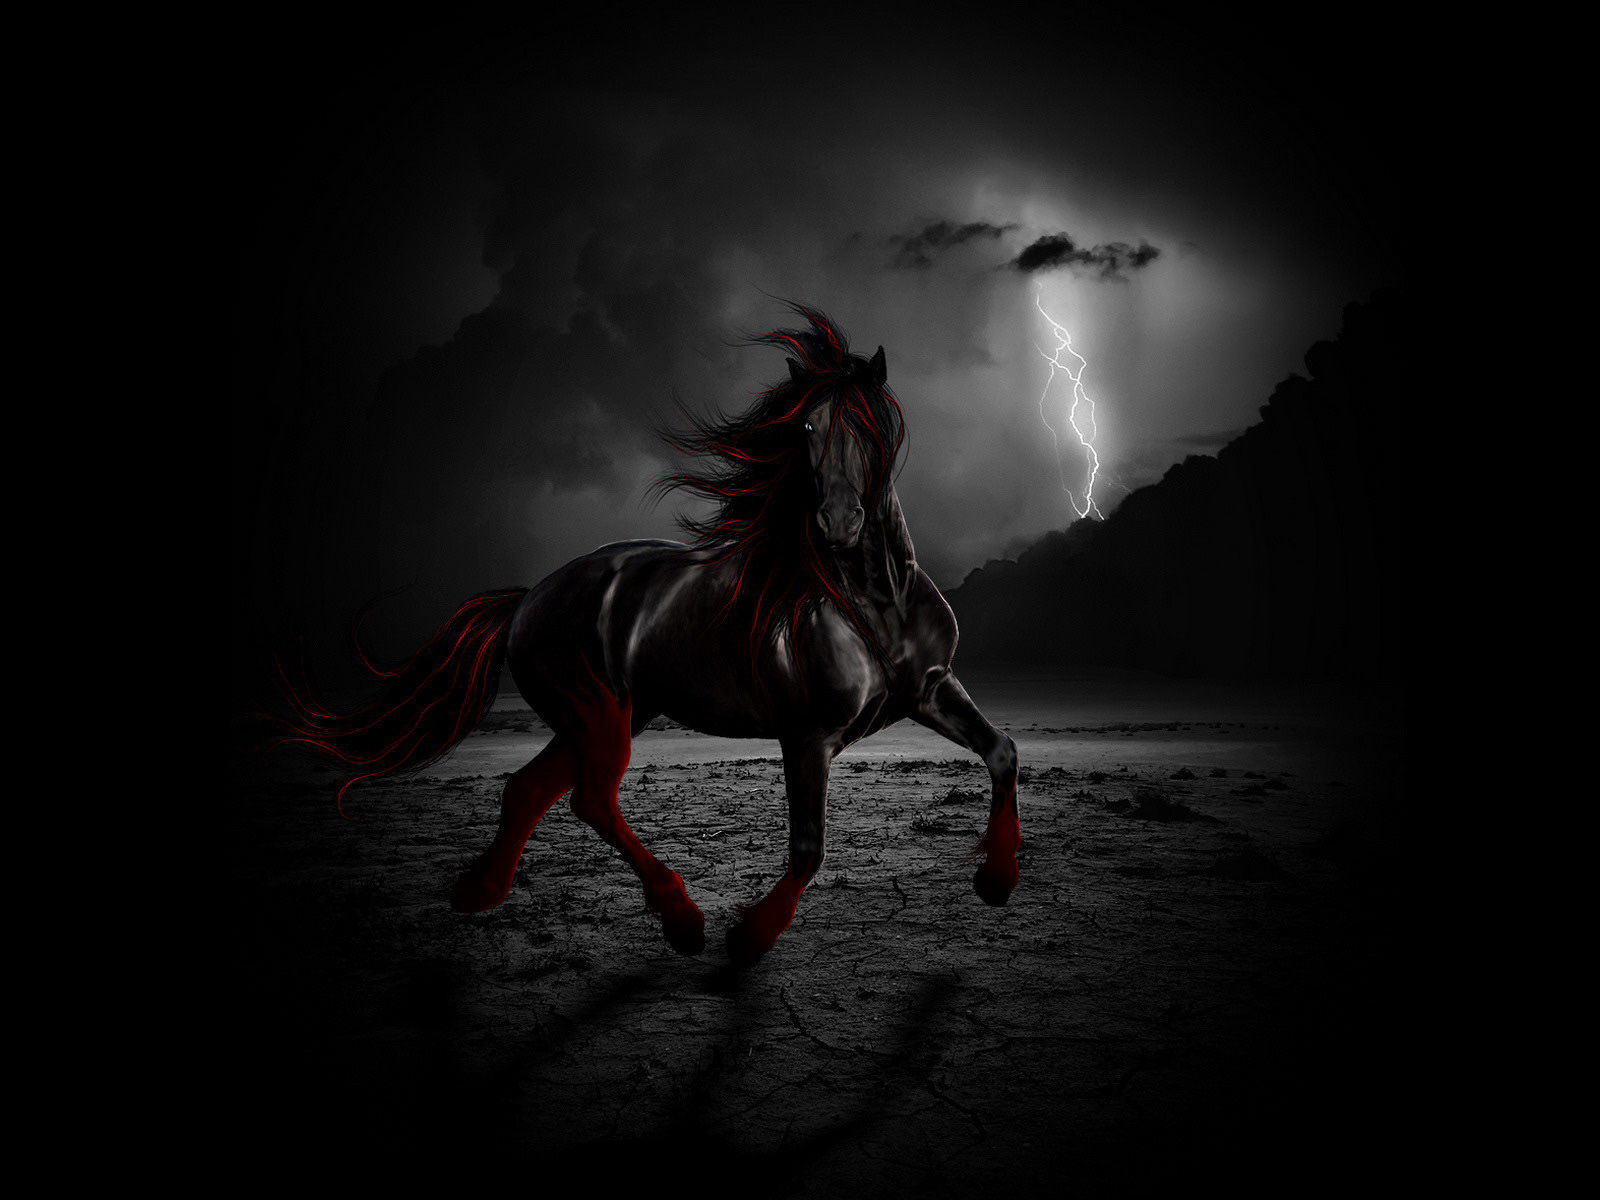 Если вы видите, что ваша лошадь - грязная, то возможны обман и зависть со стороны тех, кому вы доверяетесь.